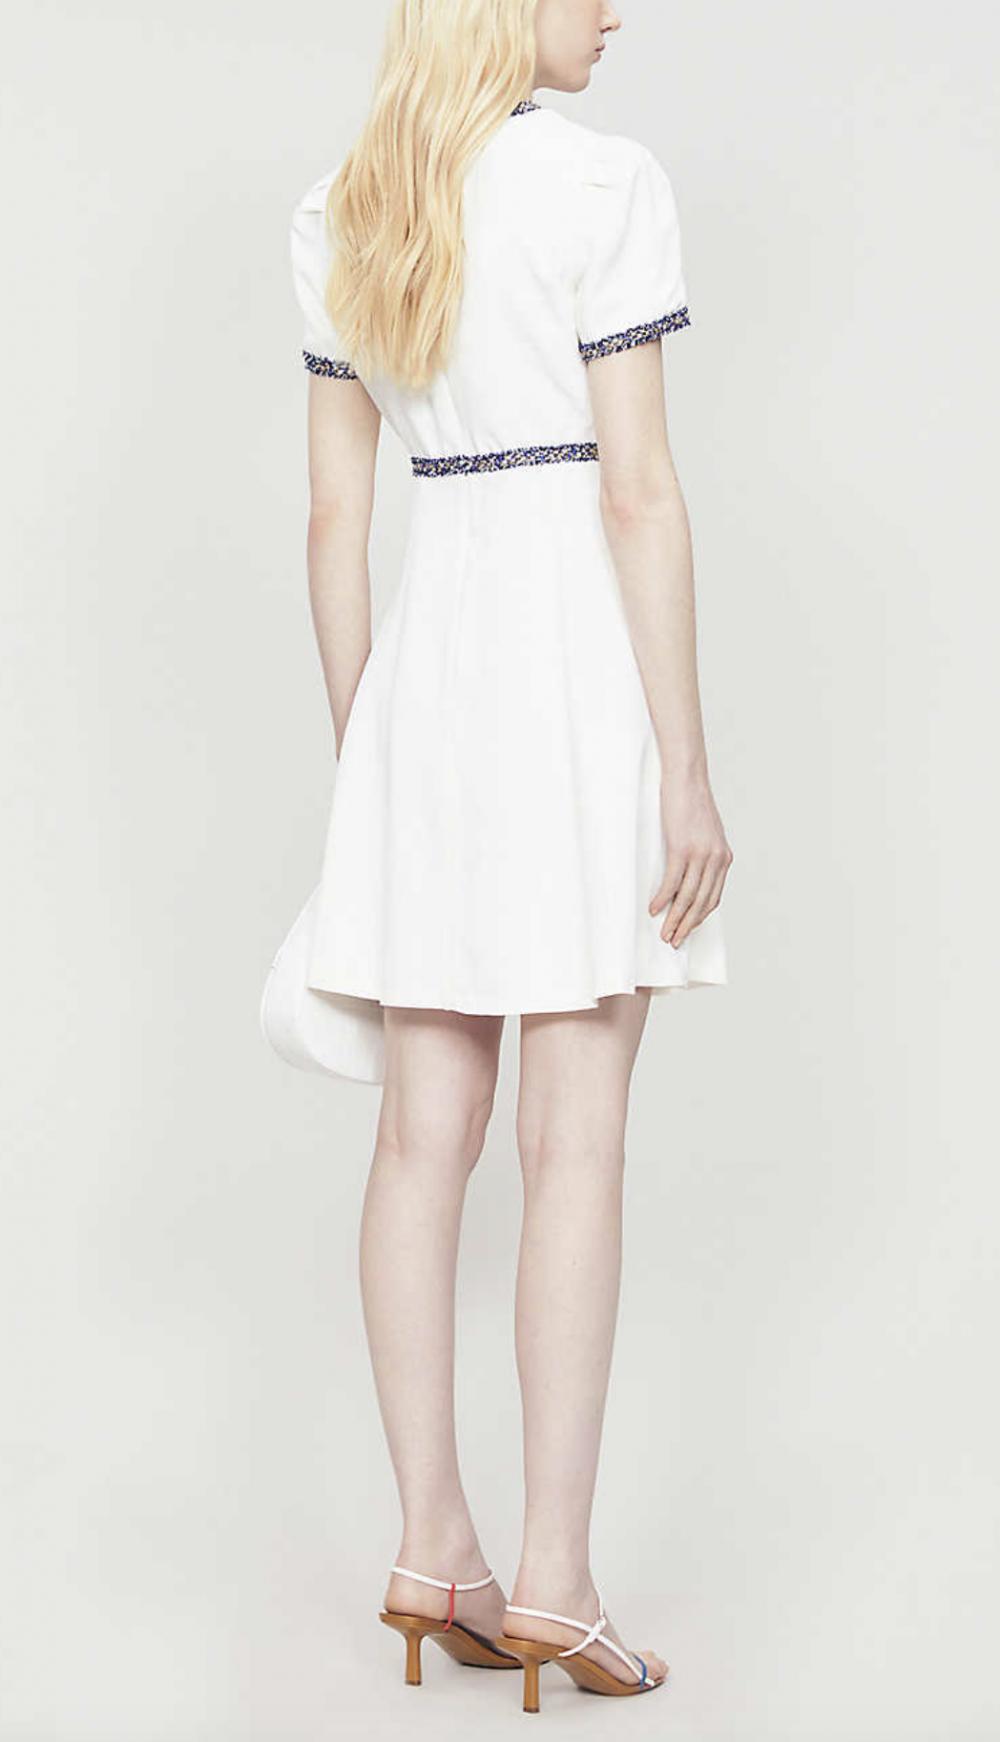 法式優雅連身裙款Selfridges減至半價1